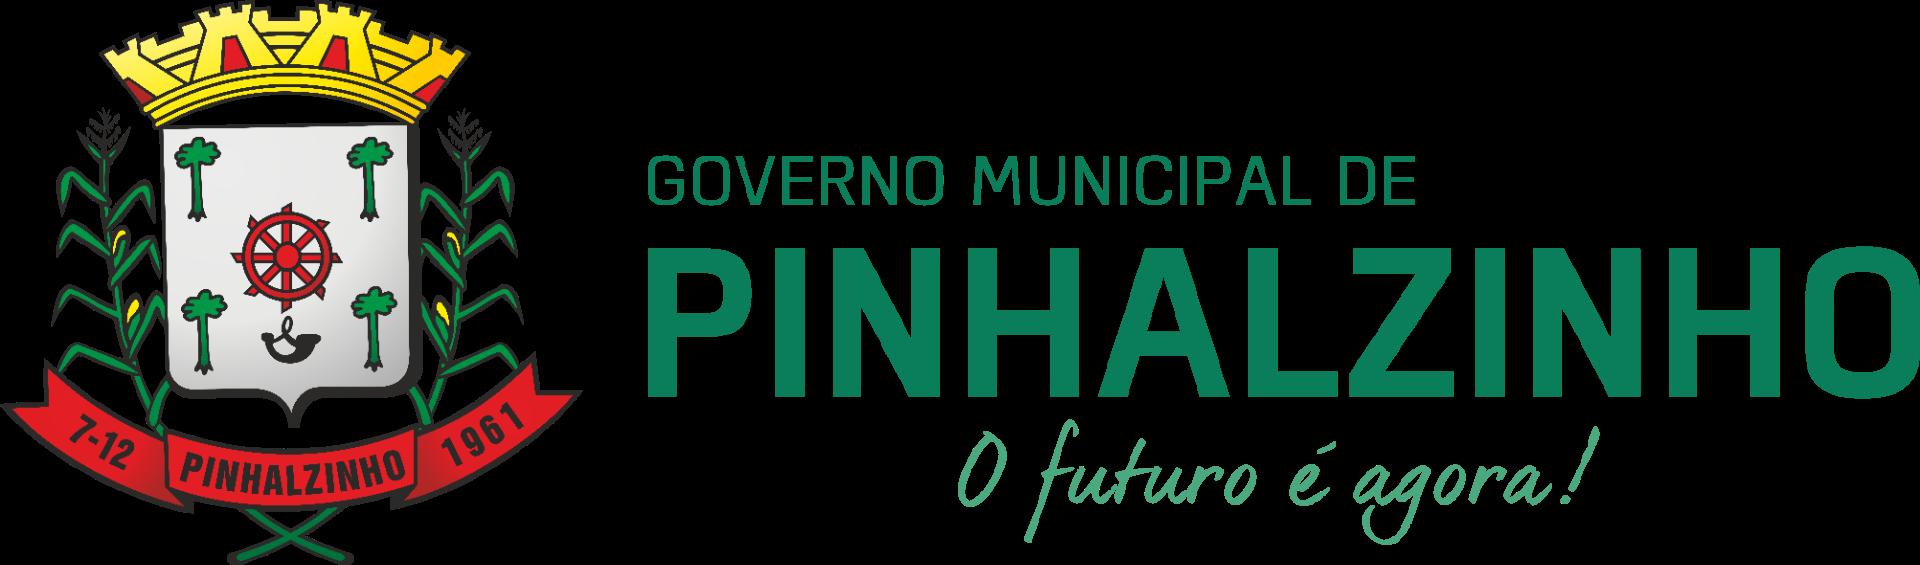 Prefeitura Municipal de Pinhalzinho-SC